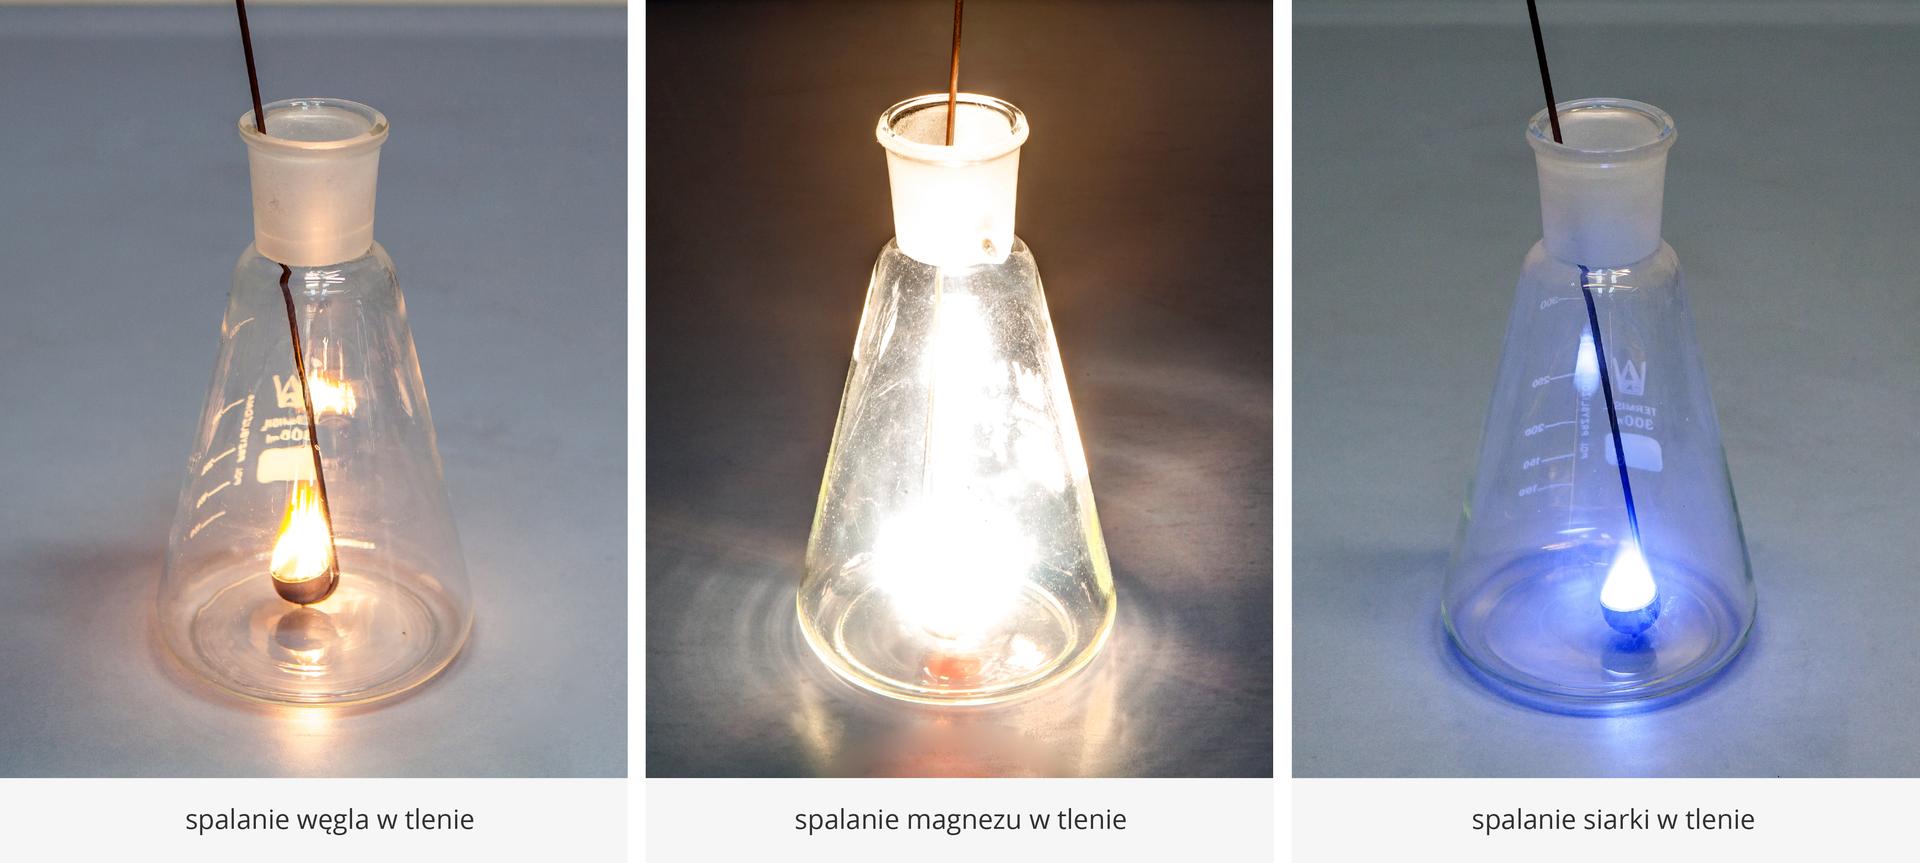 Trzy zdjęcia zestawione koło siebie. Na pierwszym spalanie węgla wtlenie, na drugim spalanie magnezu wtlenie, ana trzecim spalanie siarki wtlenie.